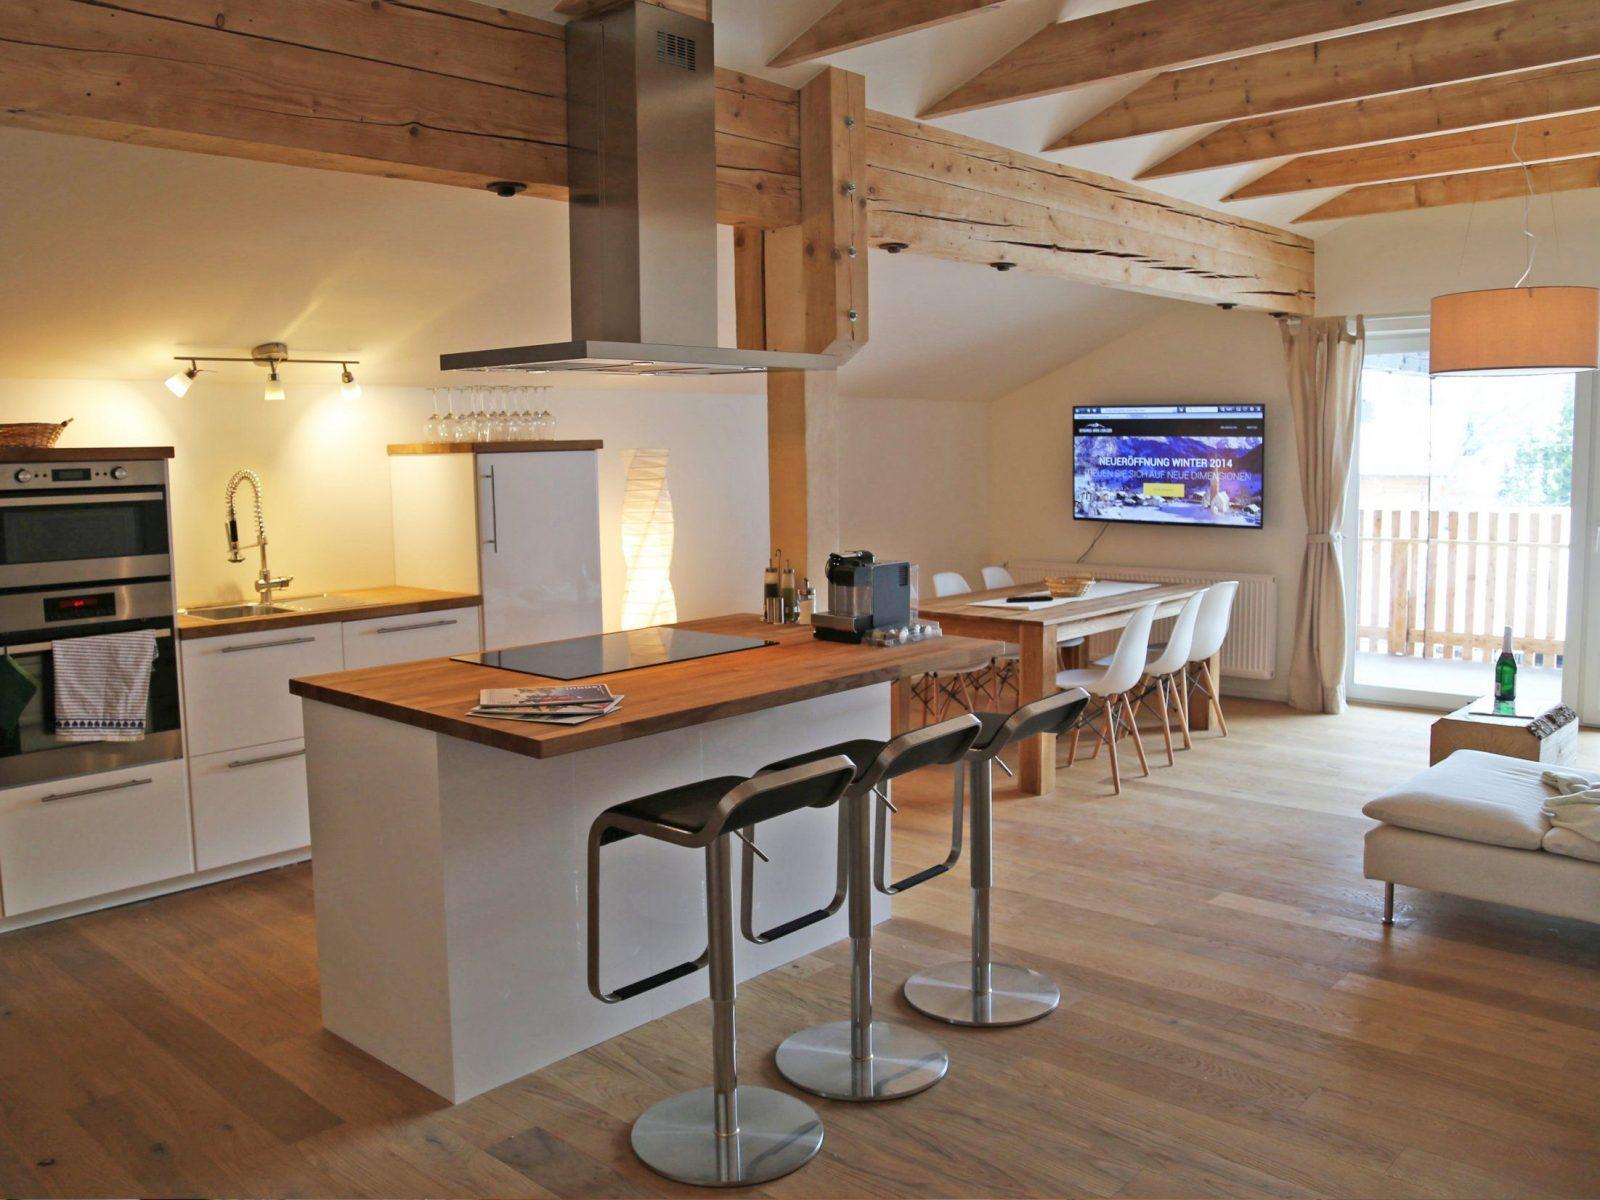 Wunderbar Küche Kochinsel Tisch